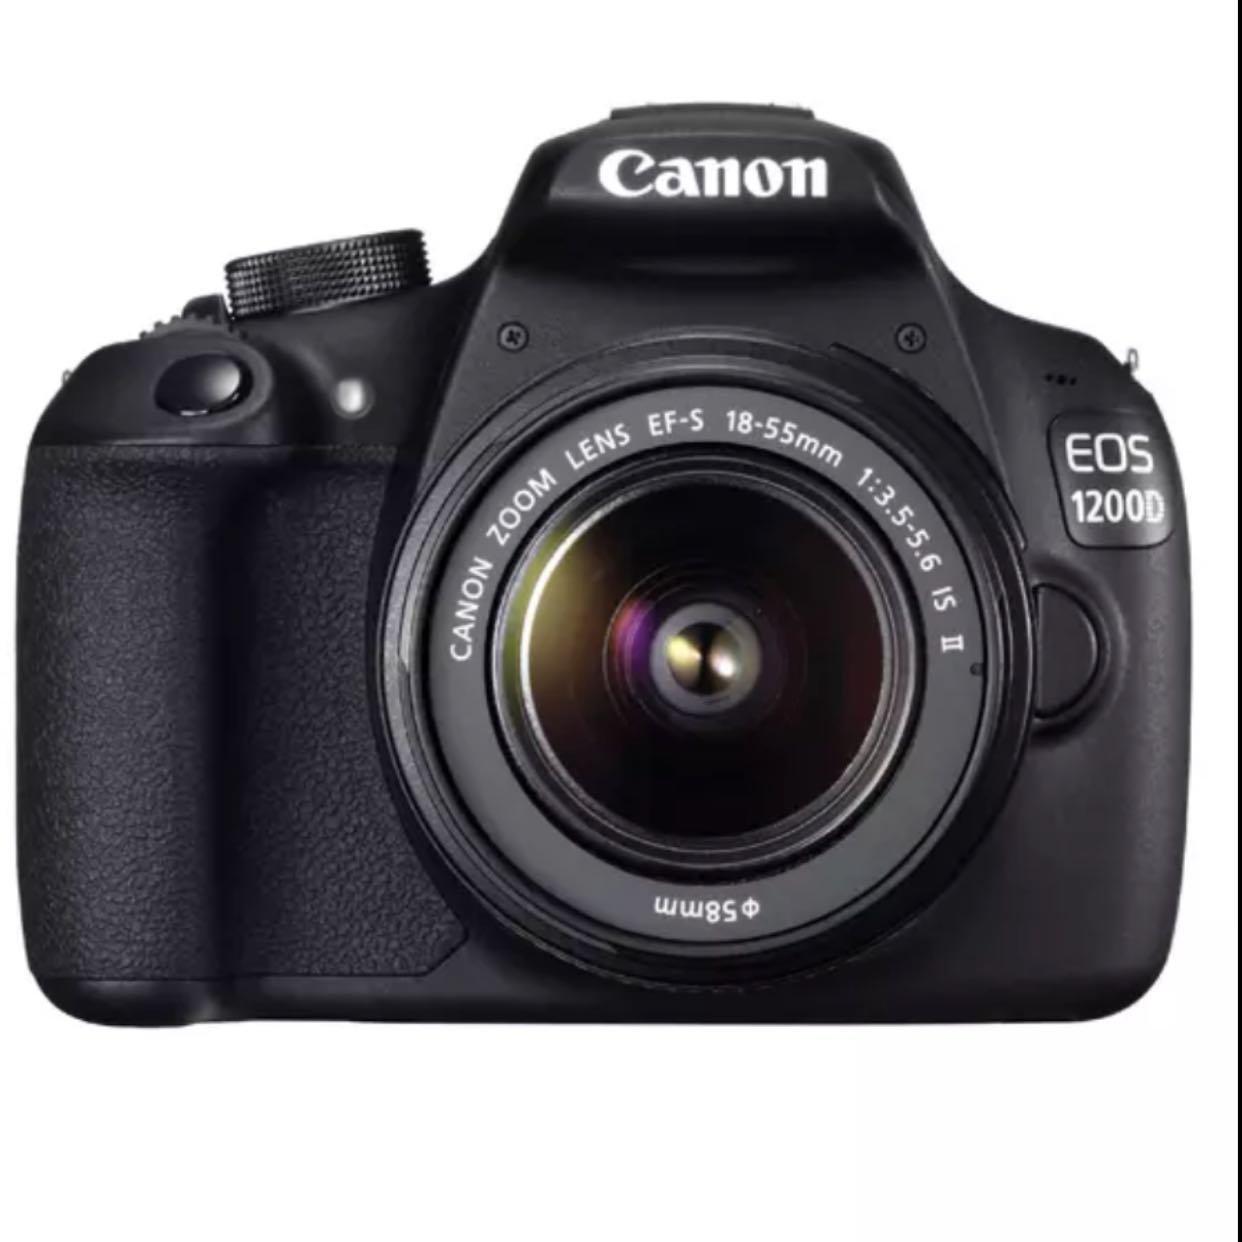 数码相机单反佳eos12001200d单反手机>>159****56上海到台州v数码攻略自驾图片